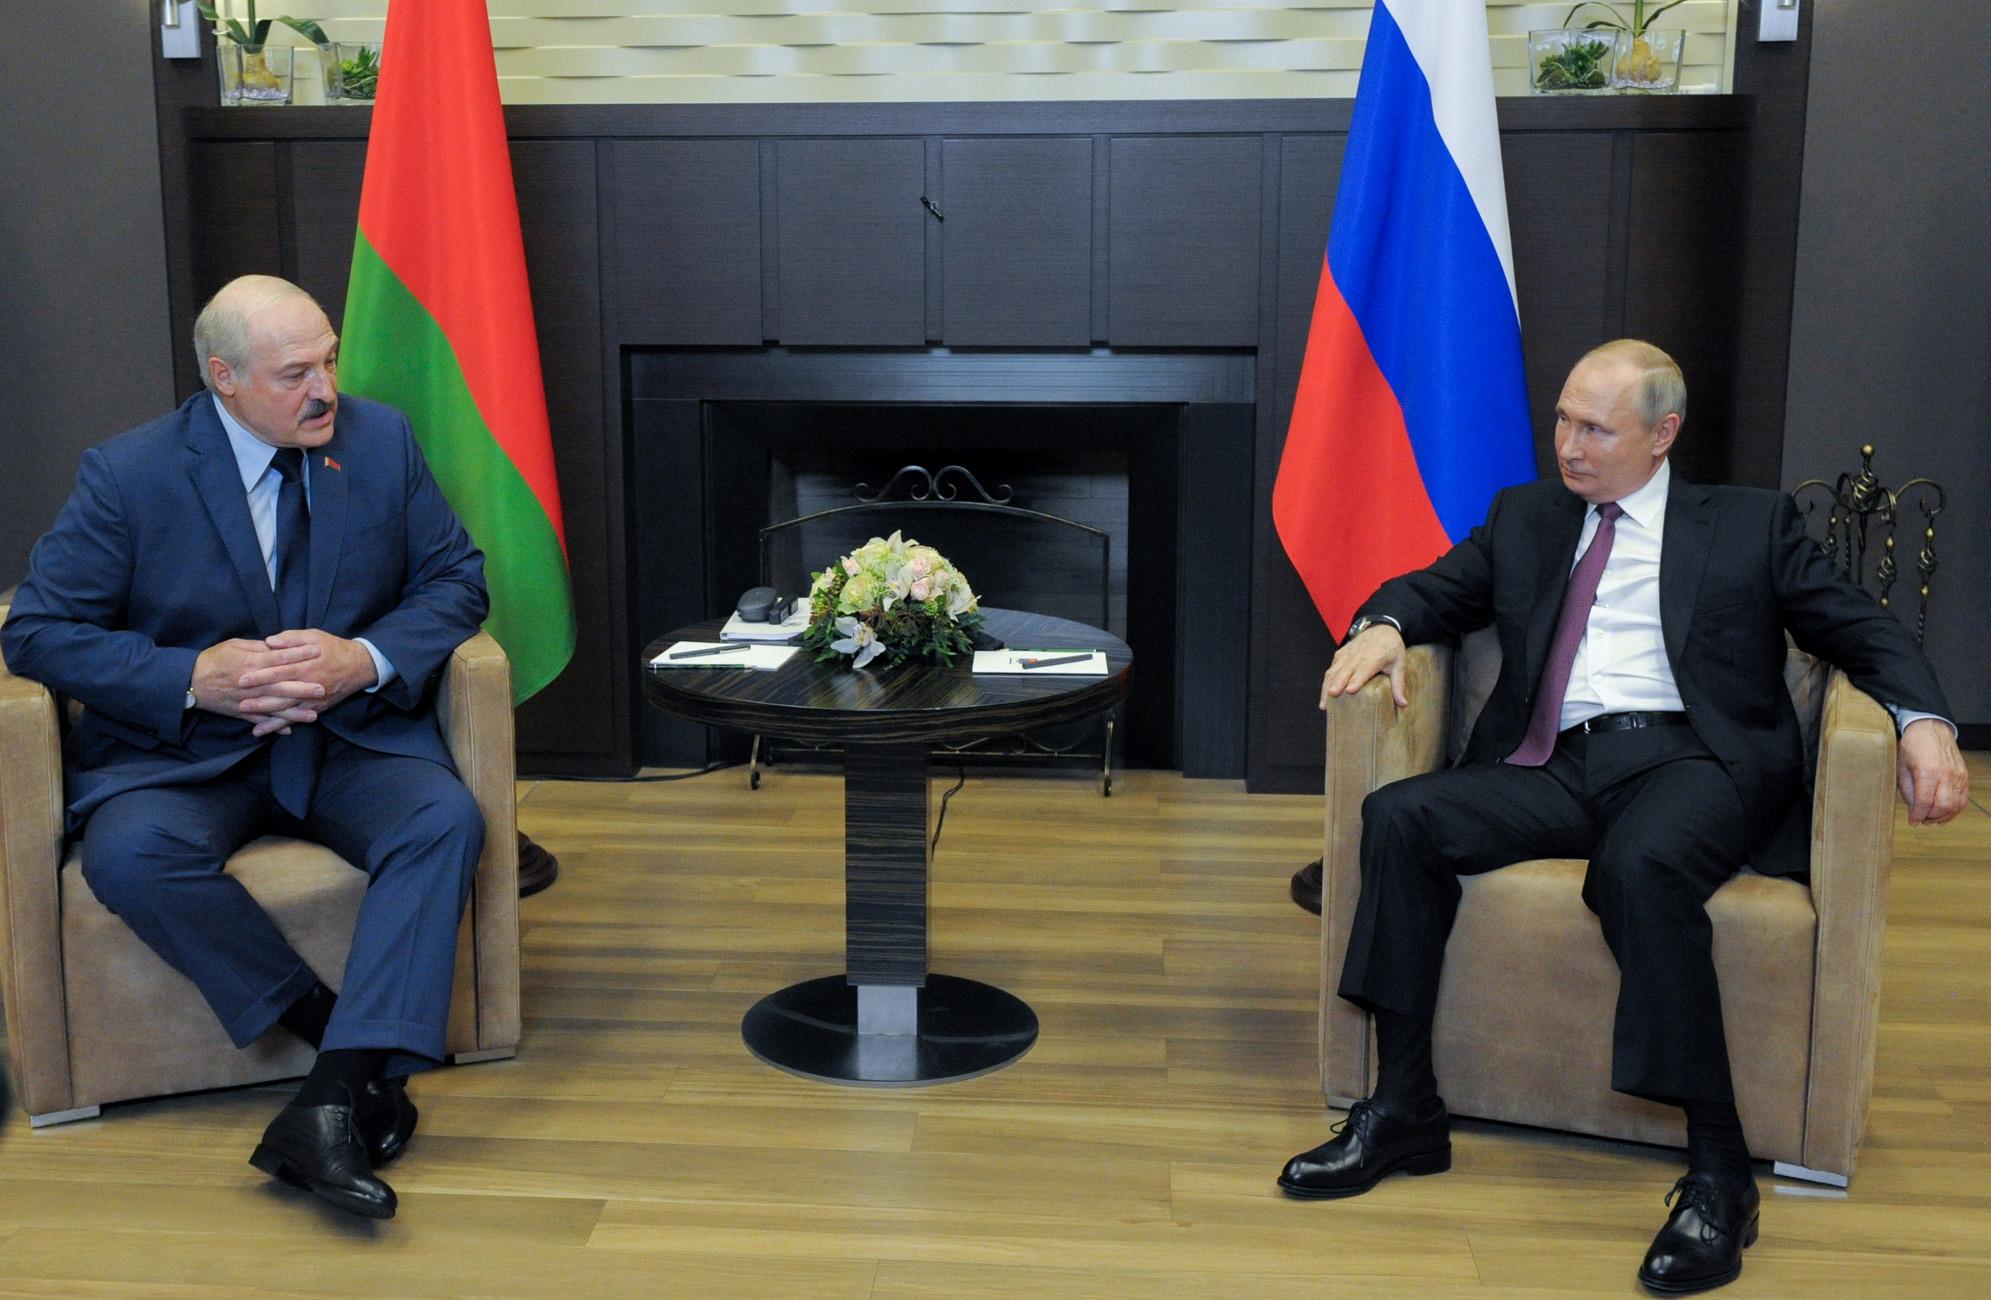 Ακόμη πιο κοντά στην «αγκαλιά» Πούτιν η Λευκορωσία